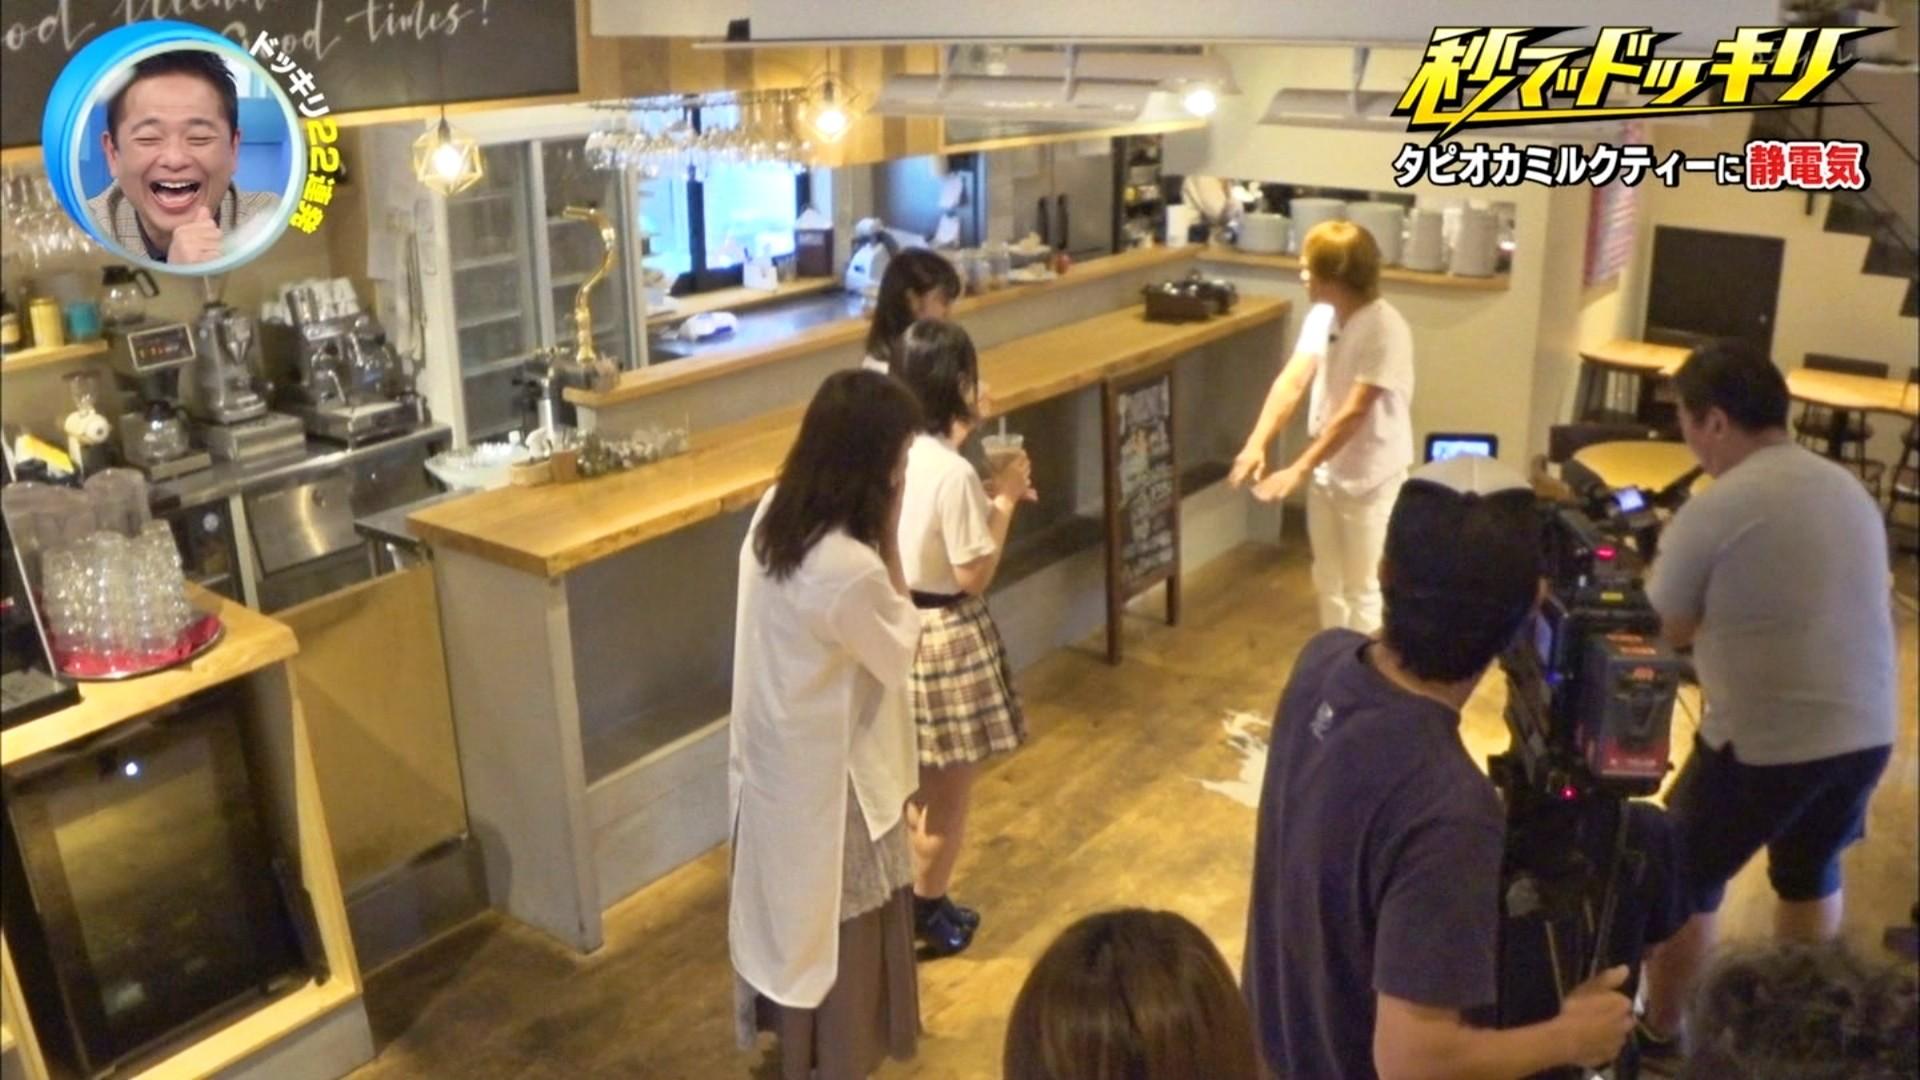 2019年11月30日にフジテレビ系列でほうそうされた「芸能人が本気で考えた!ドッキリGP」に出演したNMB48上西怜・大田莉央奈の画像-013